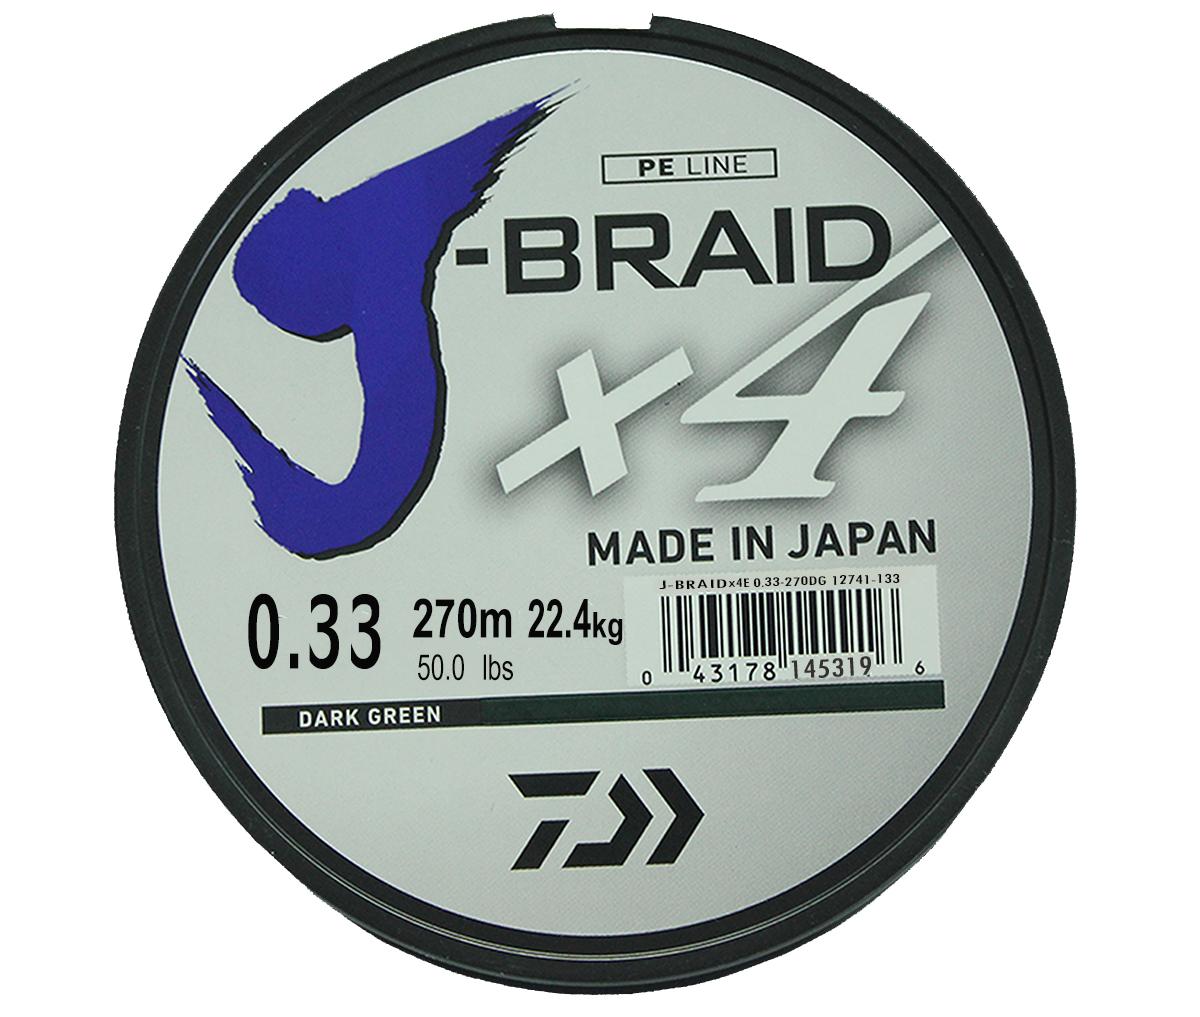 Шнур плетеный Daiwa J-Braid X4, цвет: зеленый, 270 м, 0,33 мм61177Новый 4х жильный шнур J-Braid, DAIWA - шнур высокого класса с удивительным соотношением цены и качества. Качество плетения полностьюсоответствует японским стандартам и удовлетворяет всем требованиям. Представленные диаметры позволяют использовать шнур для всех техникловли, начиная от ultra- light ловли окуня, до морской ловли палтуса, трески и т.д